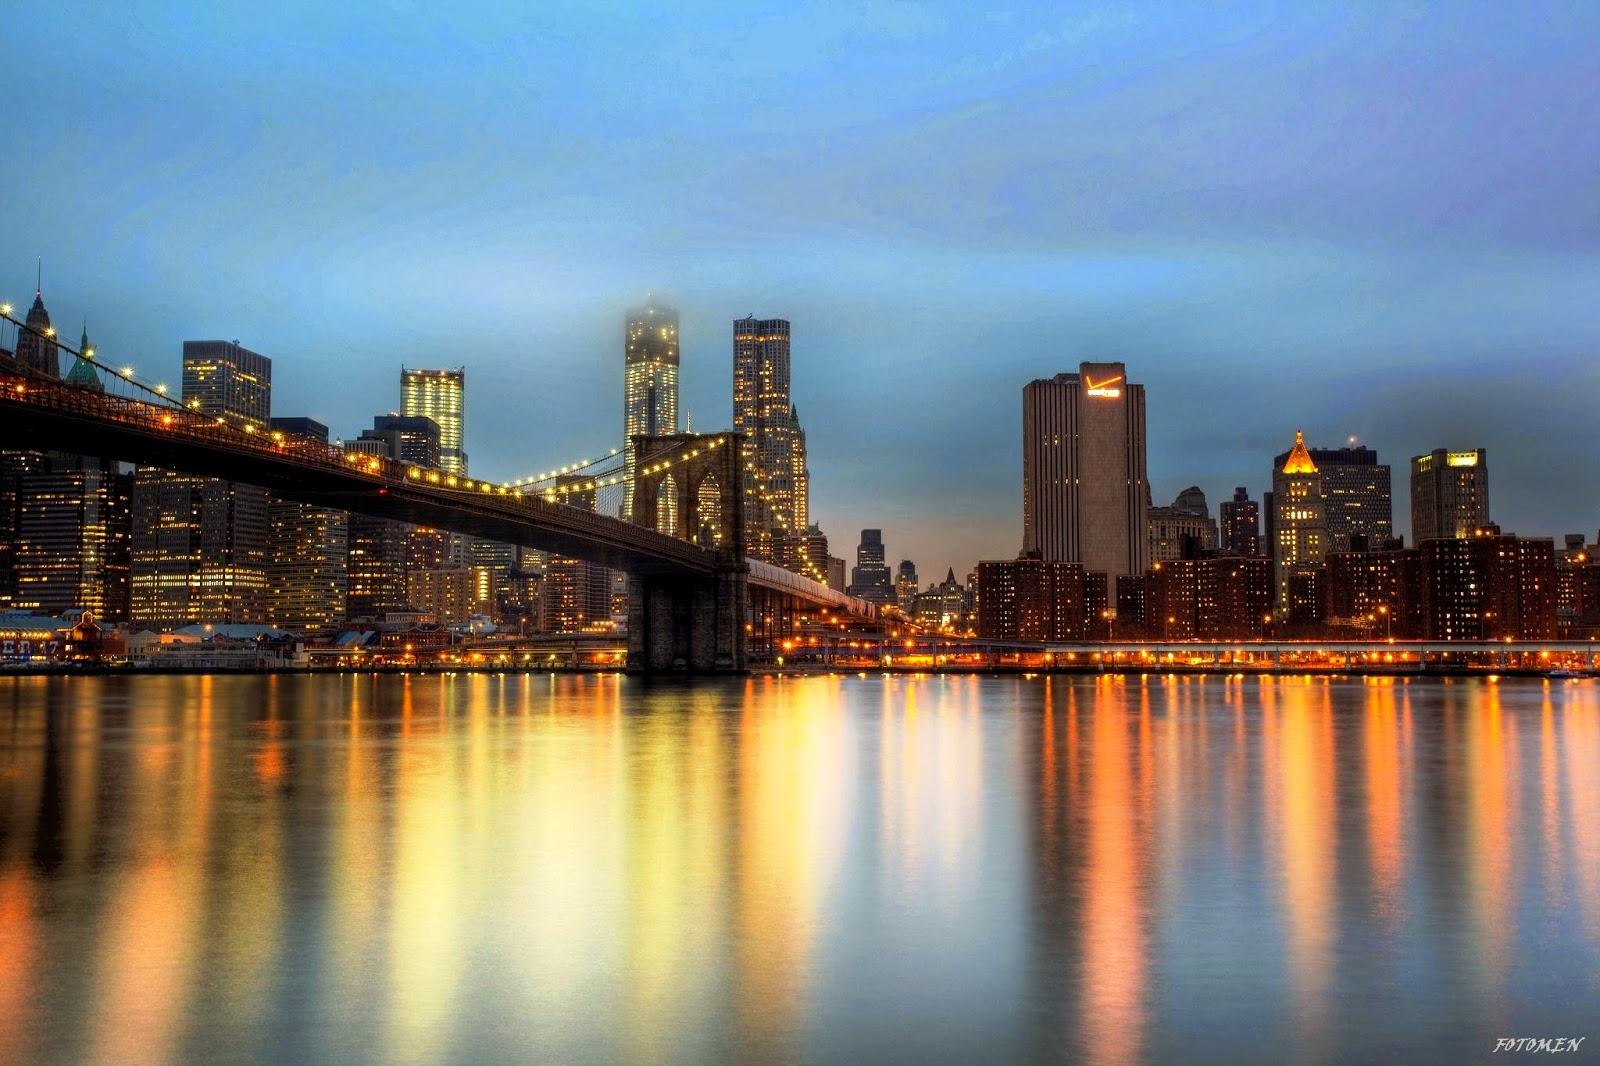 New york at night brooklyn bridge wallpaper beautiful desktop new york at night brooklyn bridge wallpaper voltagebd Gallery